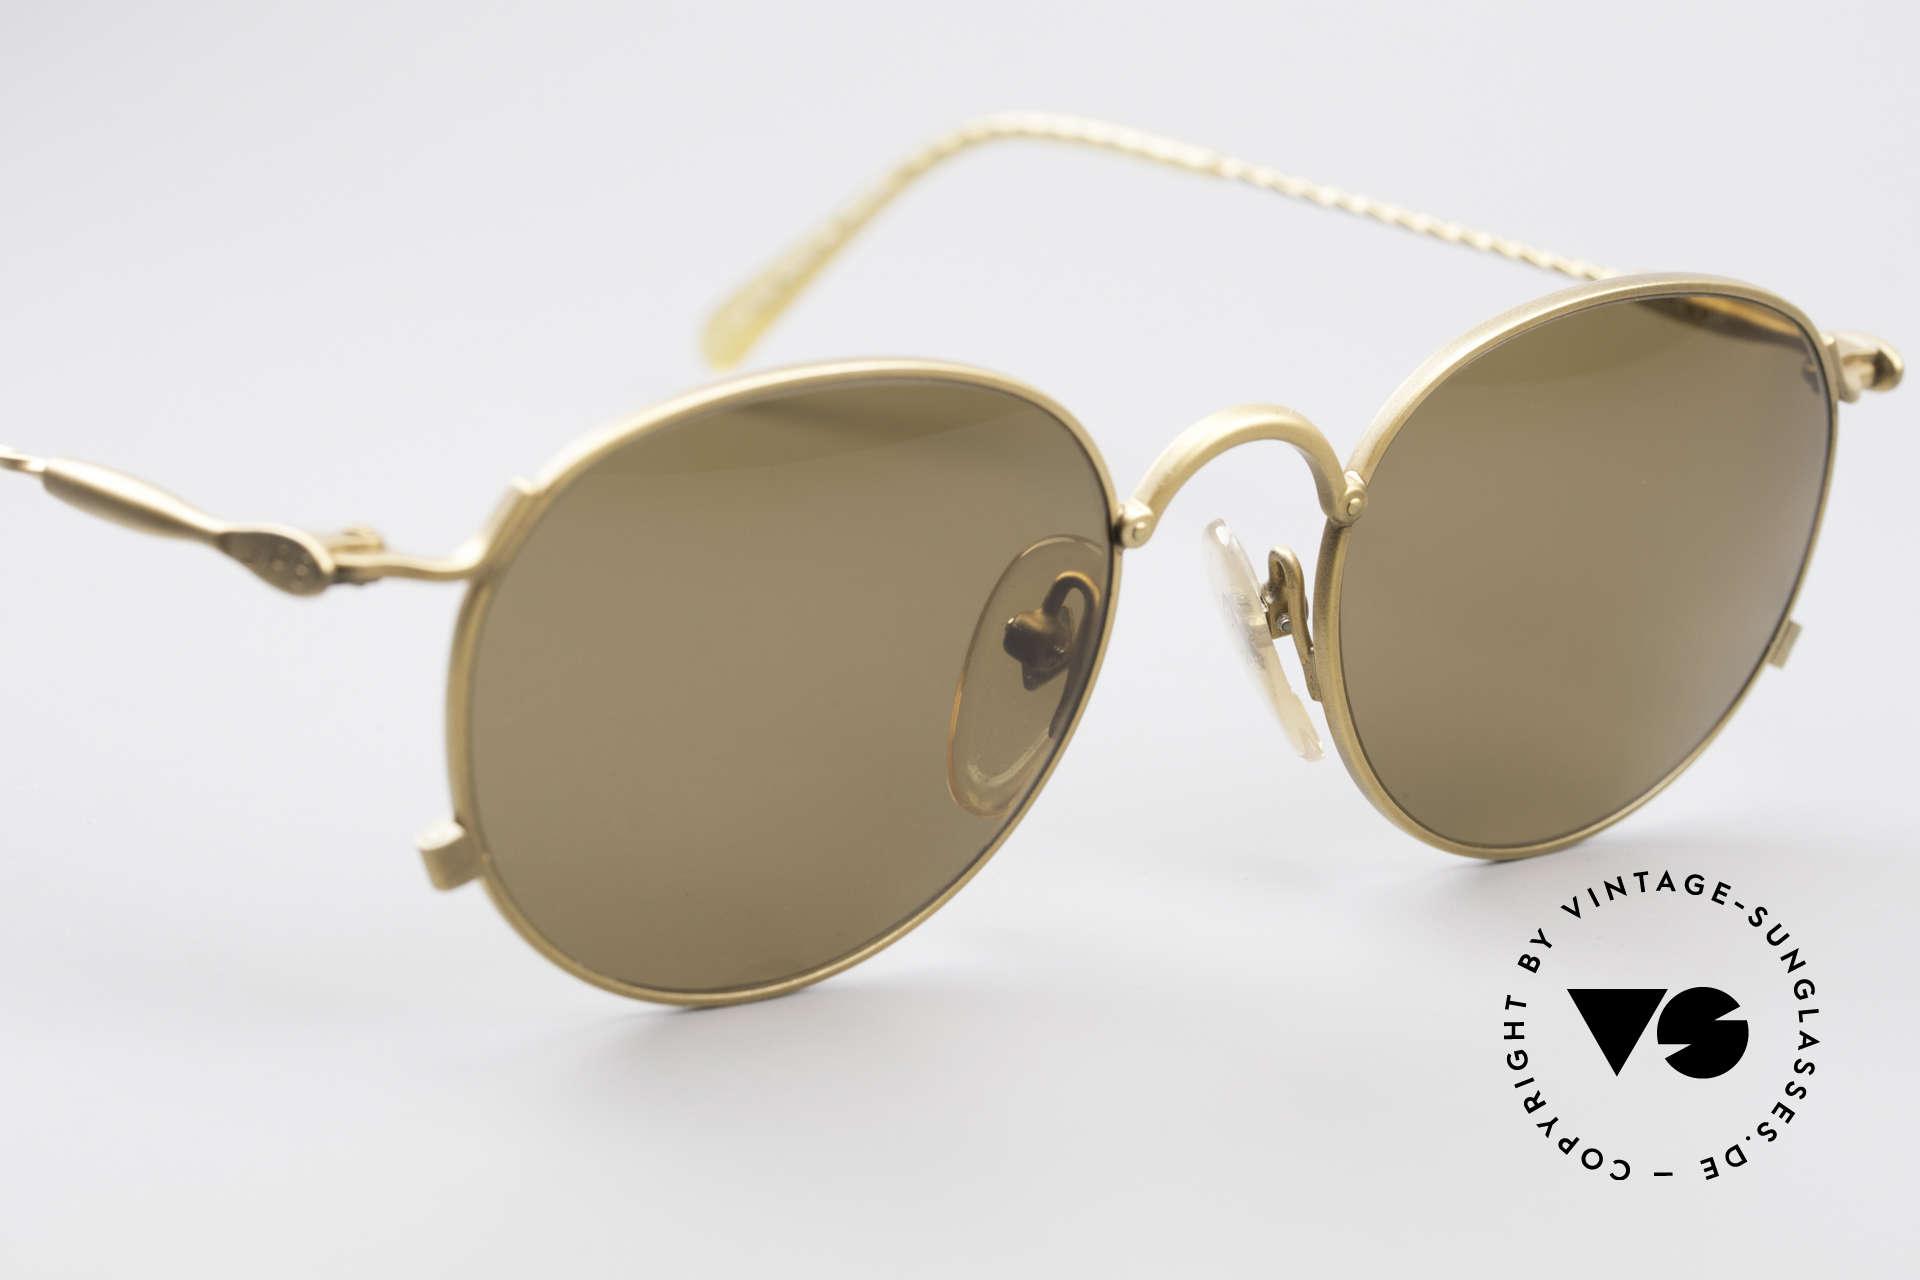 Jean Paul Gaultier 55-2172 Runde Vintage Sonnenbrille, unbenutzt (wie alle unsere J.P.G. Designerstücke), Passend für Herren und Damen